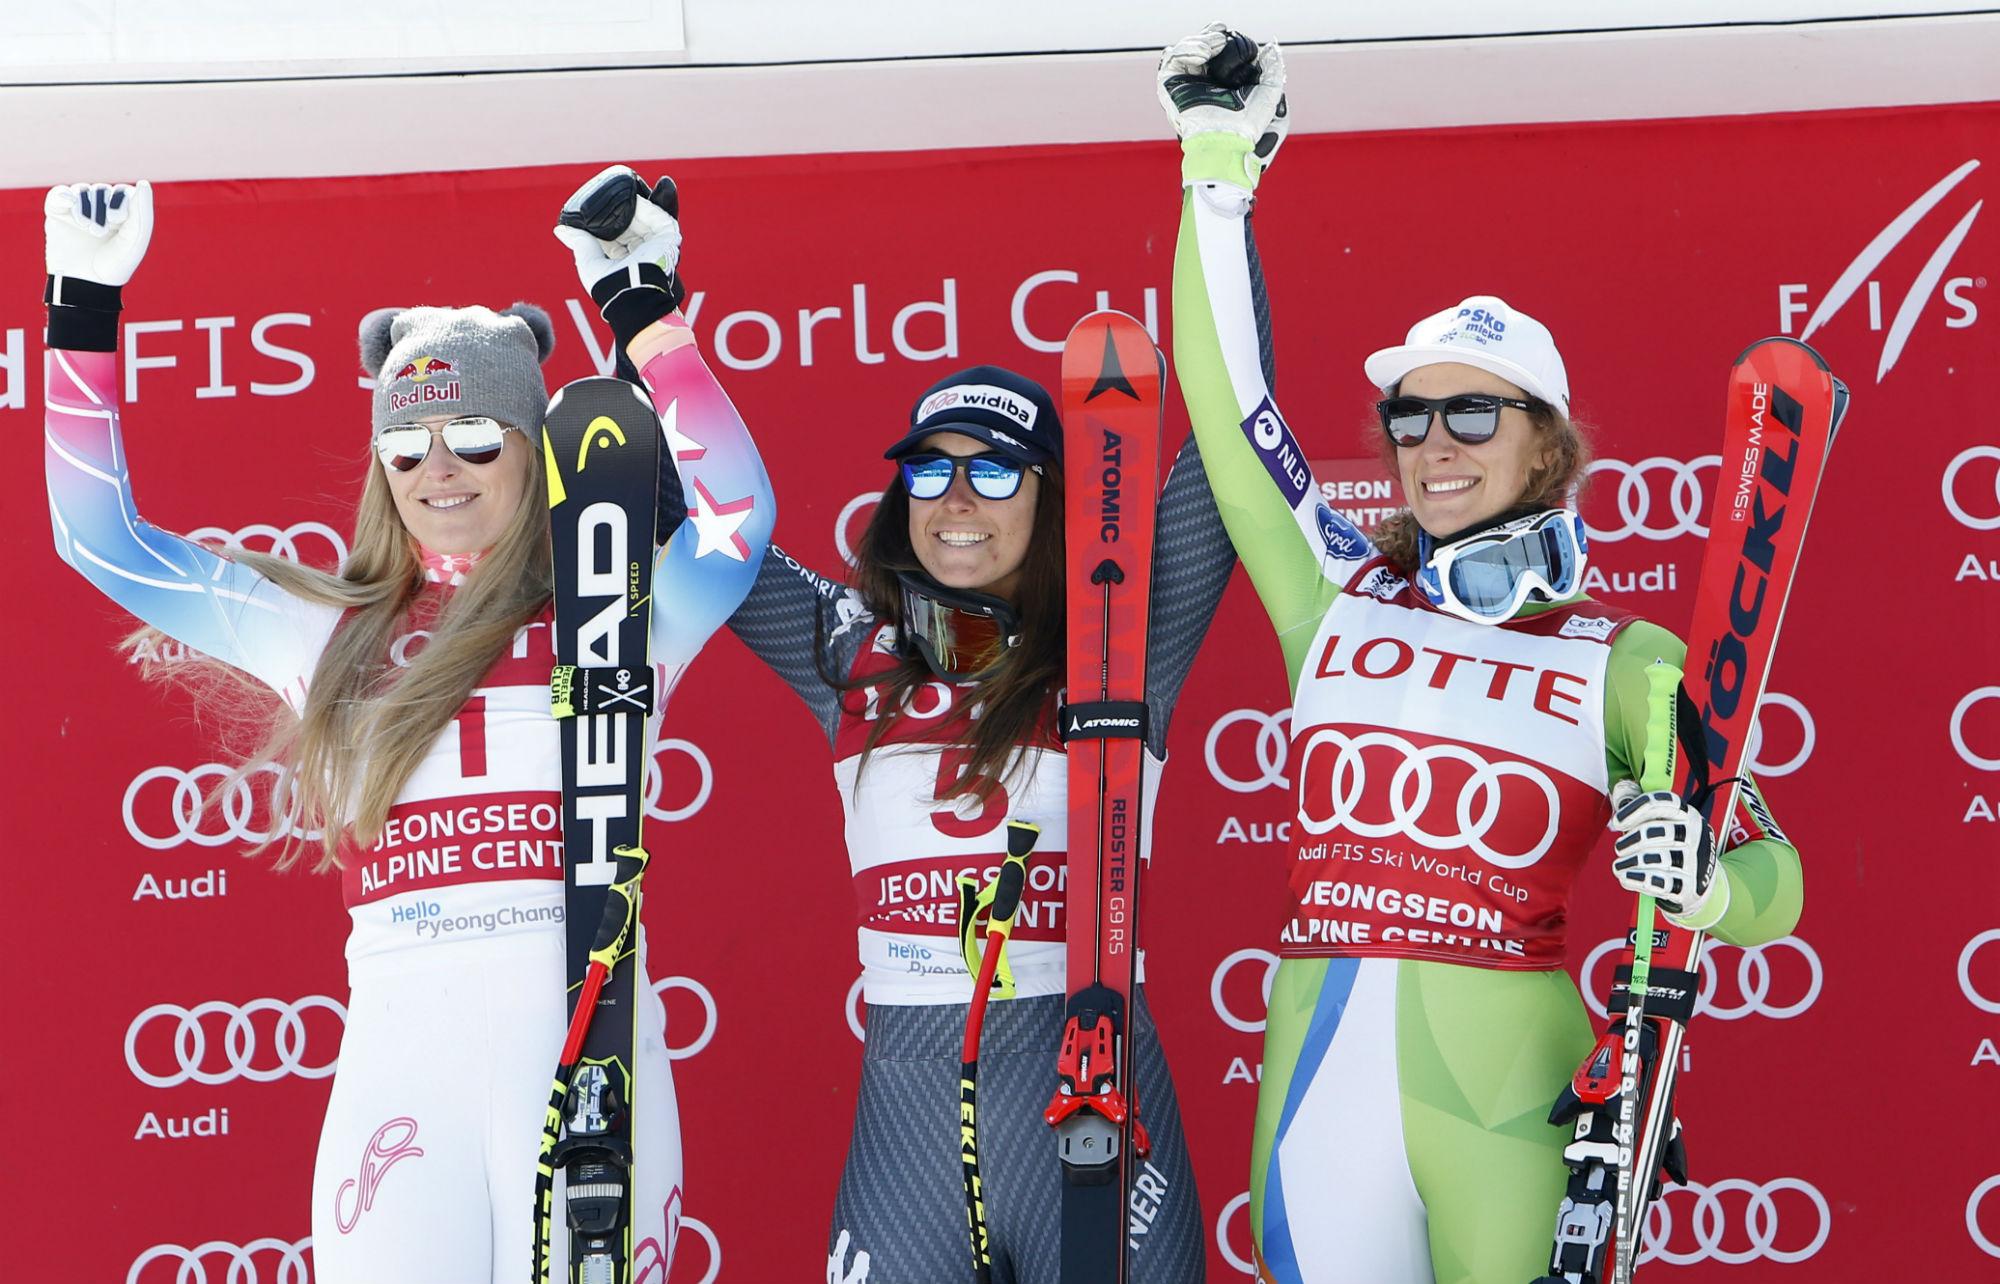 Da sinistra: Lindsey Vonn, seconda; Sofia Goggia, prima; Ilka Stuhec, terza. Il podio della discesa libera a Jeongseon, in Corea (@Zoom agence)